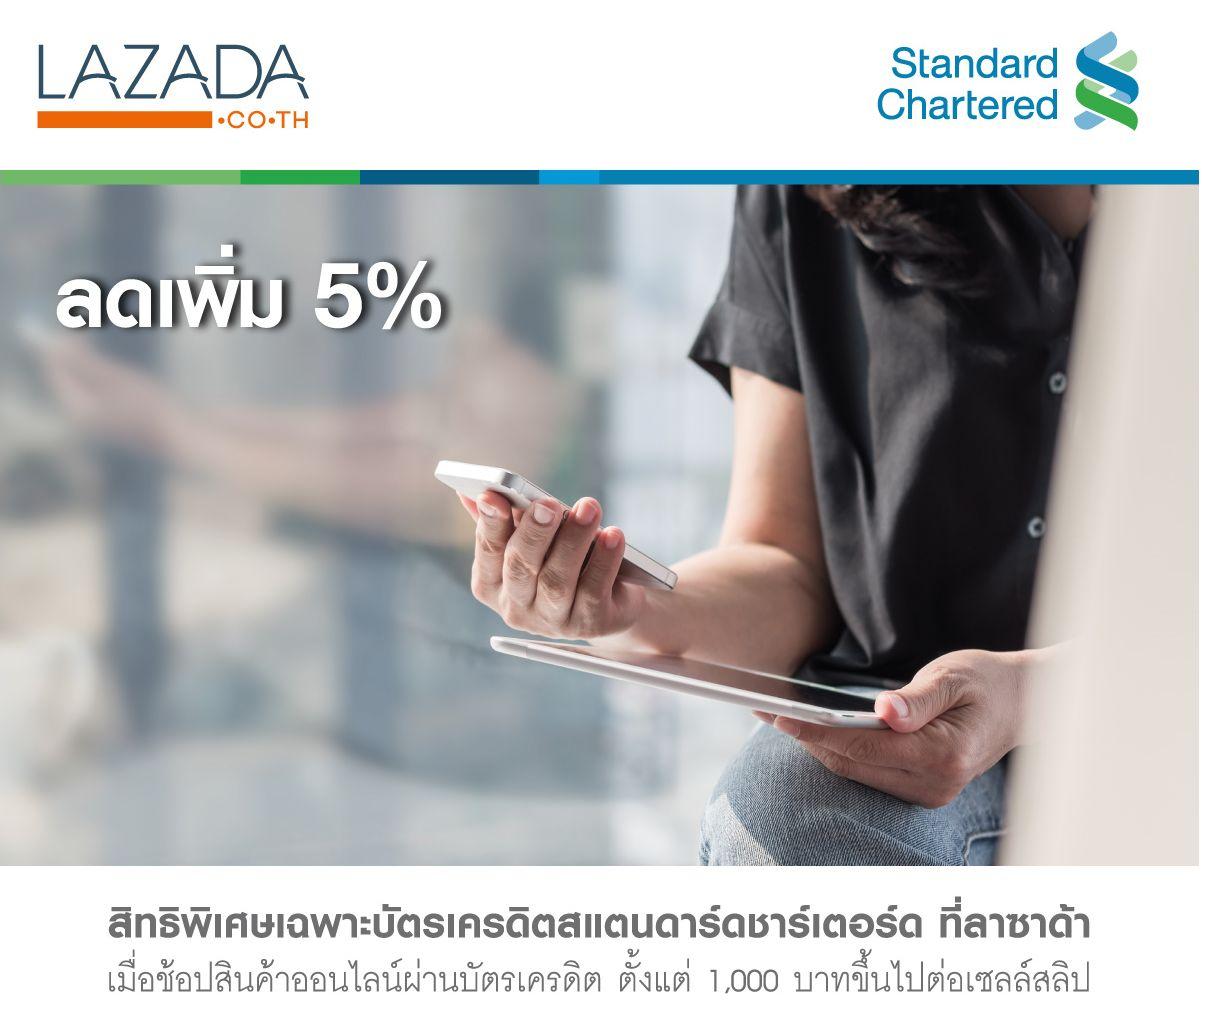 ส่วนลด lazada scbt บัตรเครดิตสแตนดาร์ดชาร์เตอร์ด รับลดสูงสุด 5%